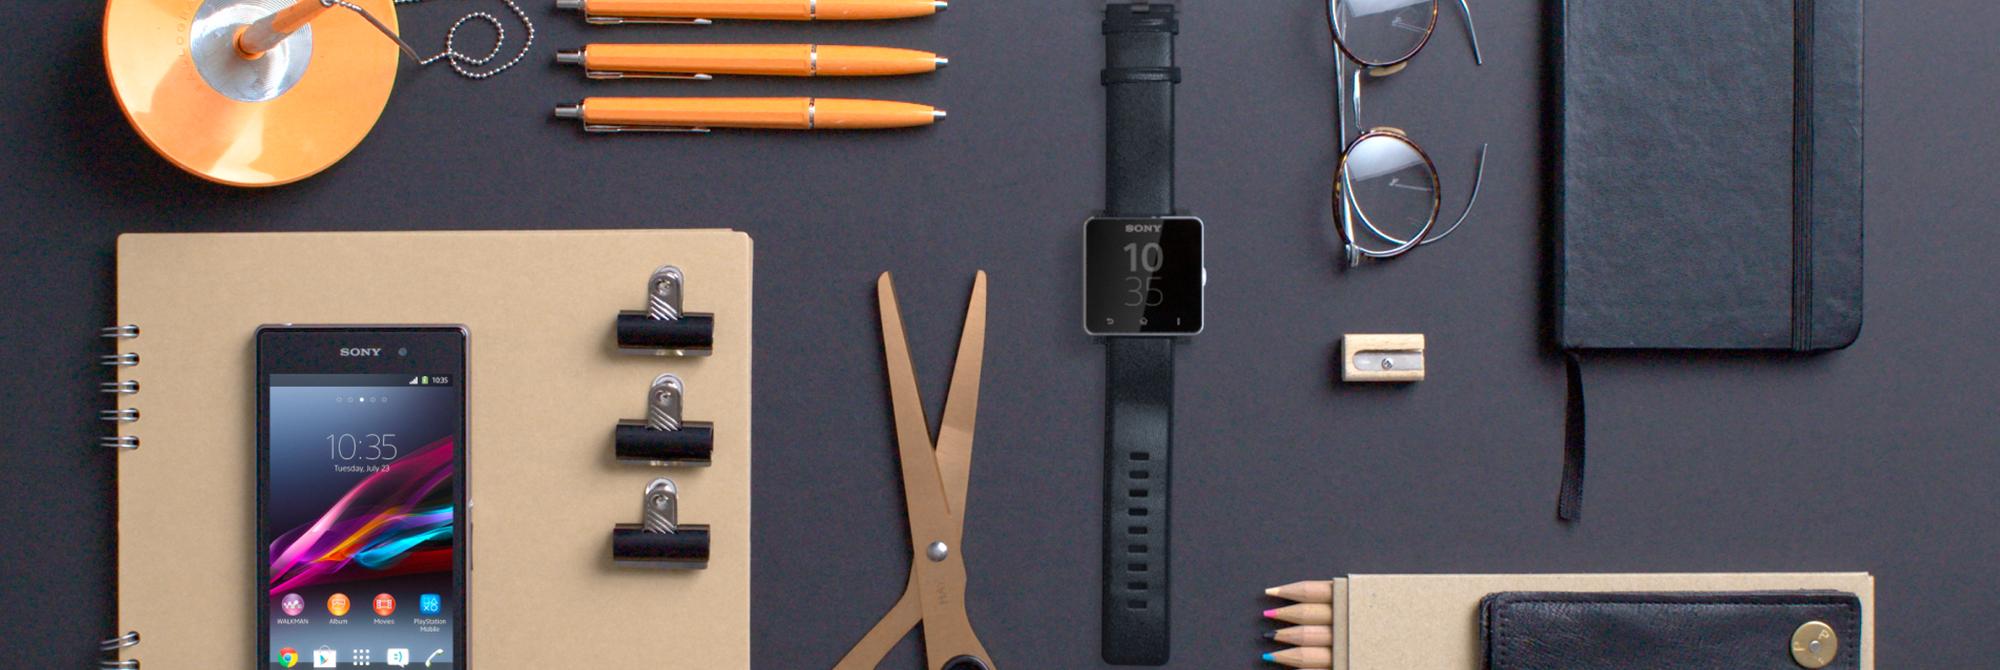 Smartwatch2_work